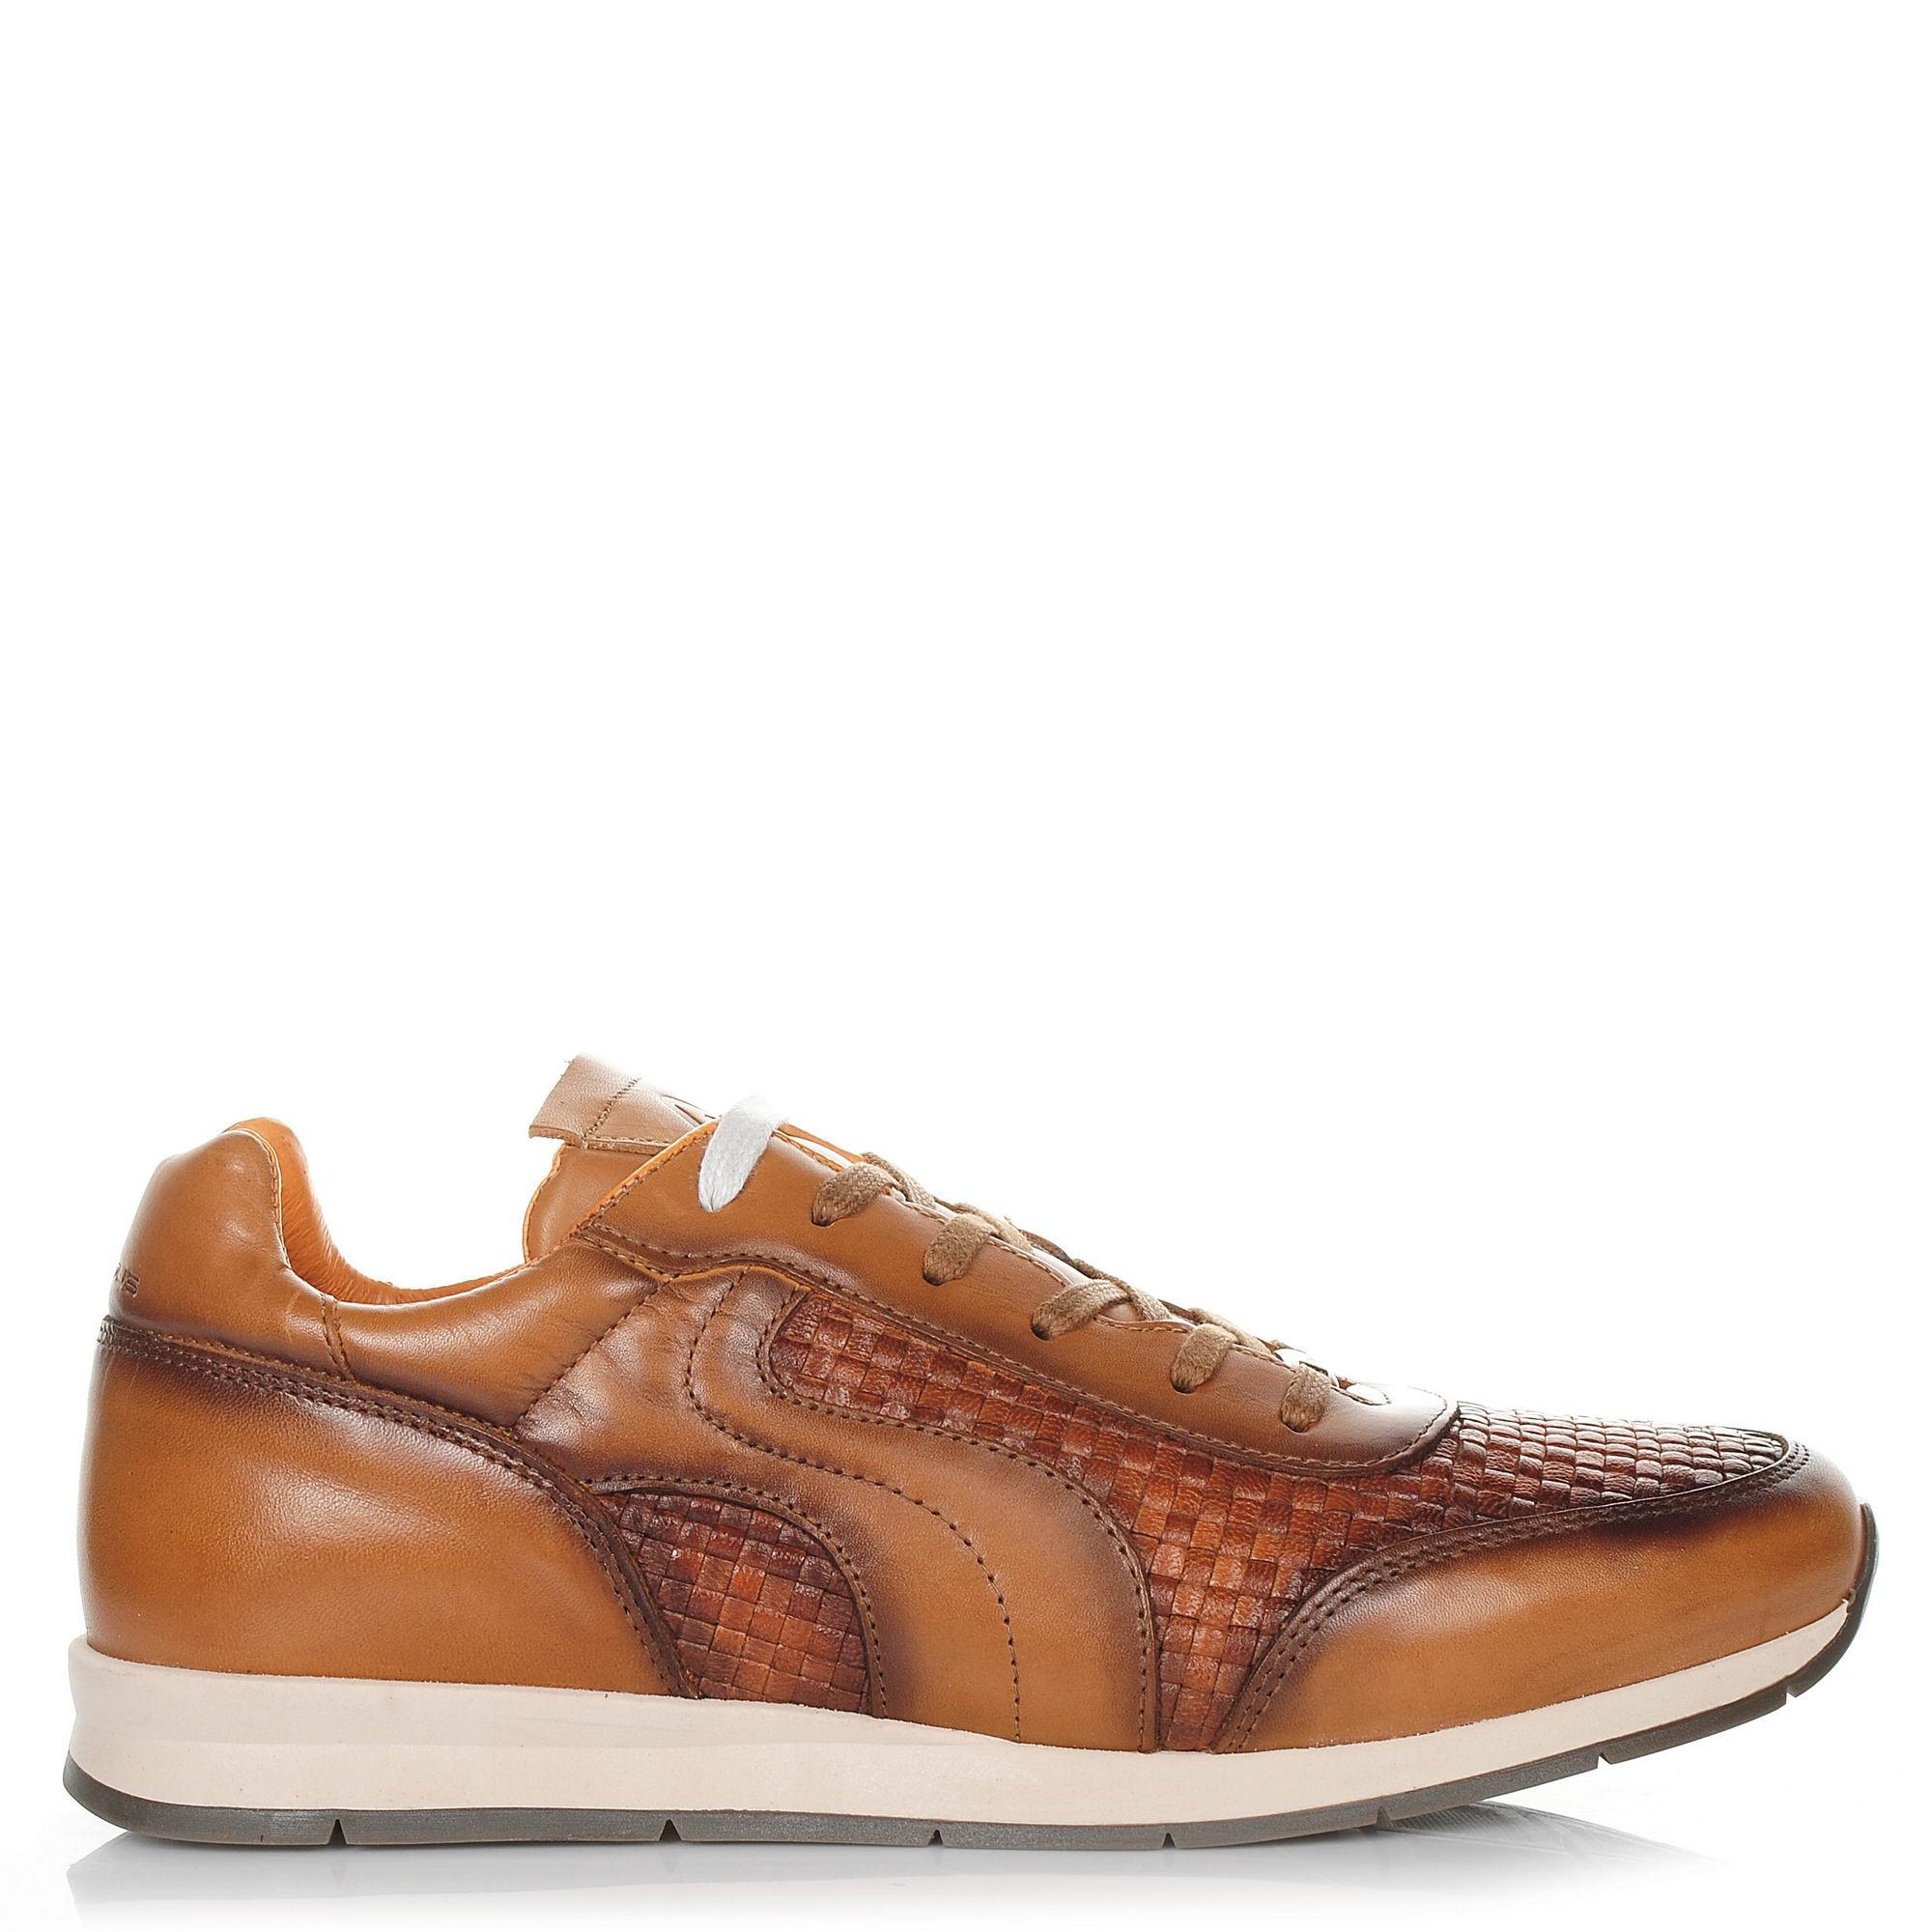 Δερμάτινο Sneaker Ambitious 106904 ανδρας   ανδρικό παπούτσι